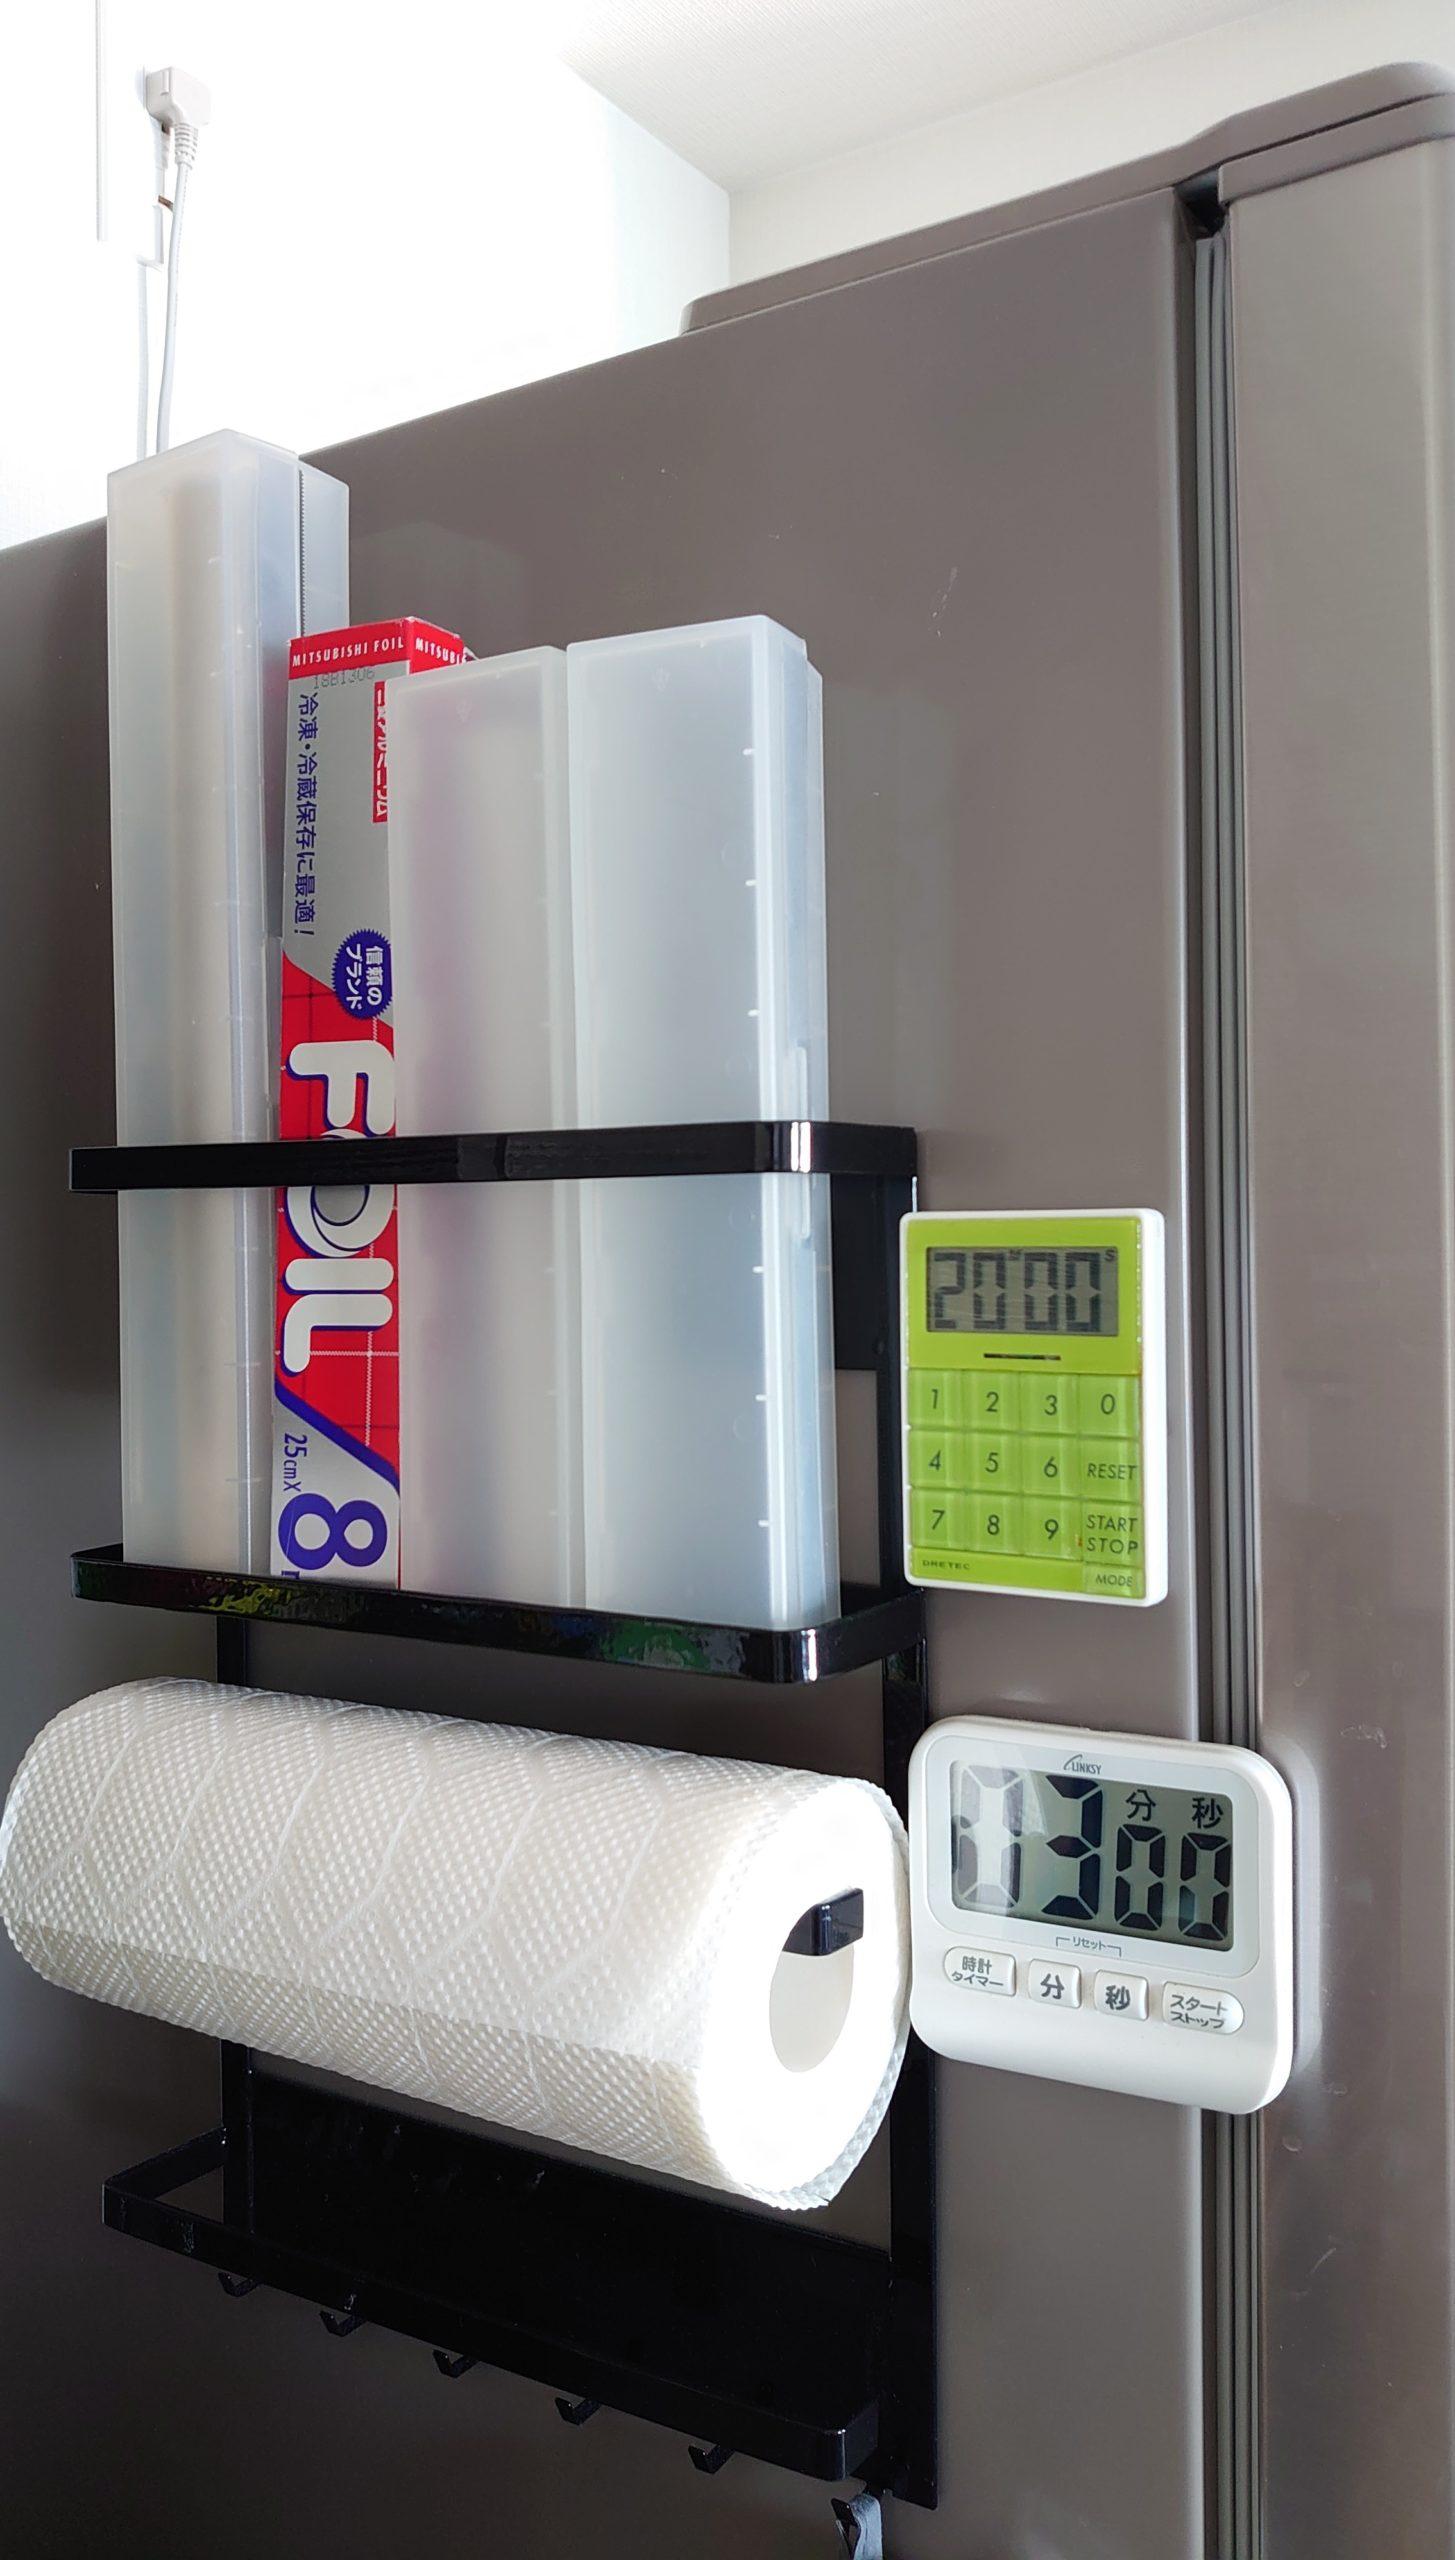 風水で冷蔵庫の正面に貼るのはダメなので側面の活用法(マグネットキッチンペーパー&ラップホルダー)